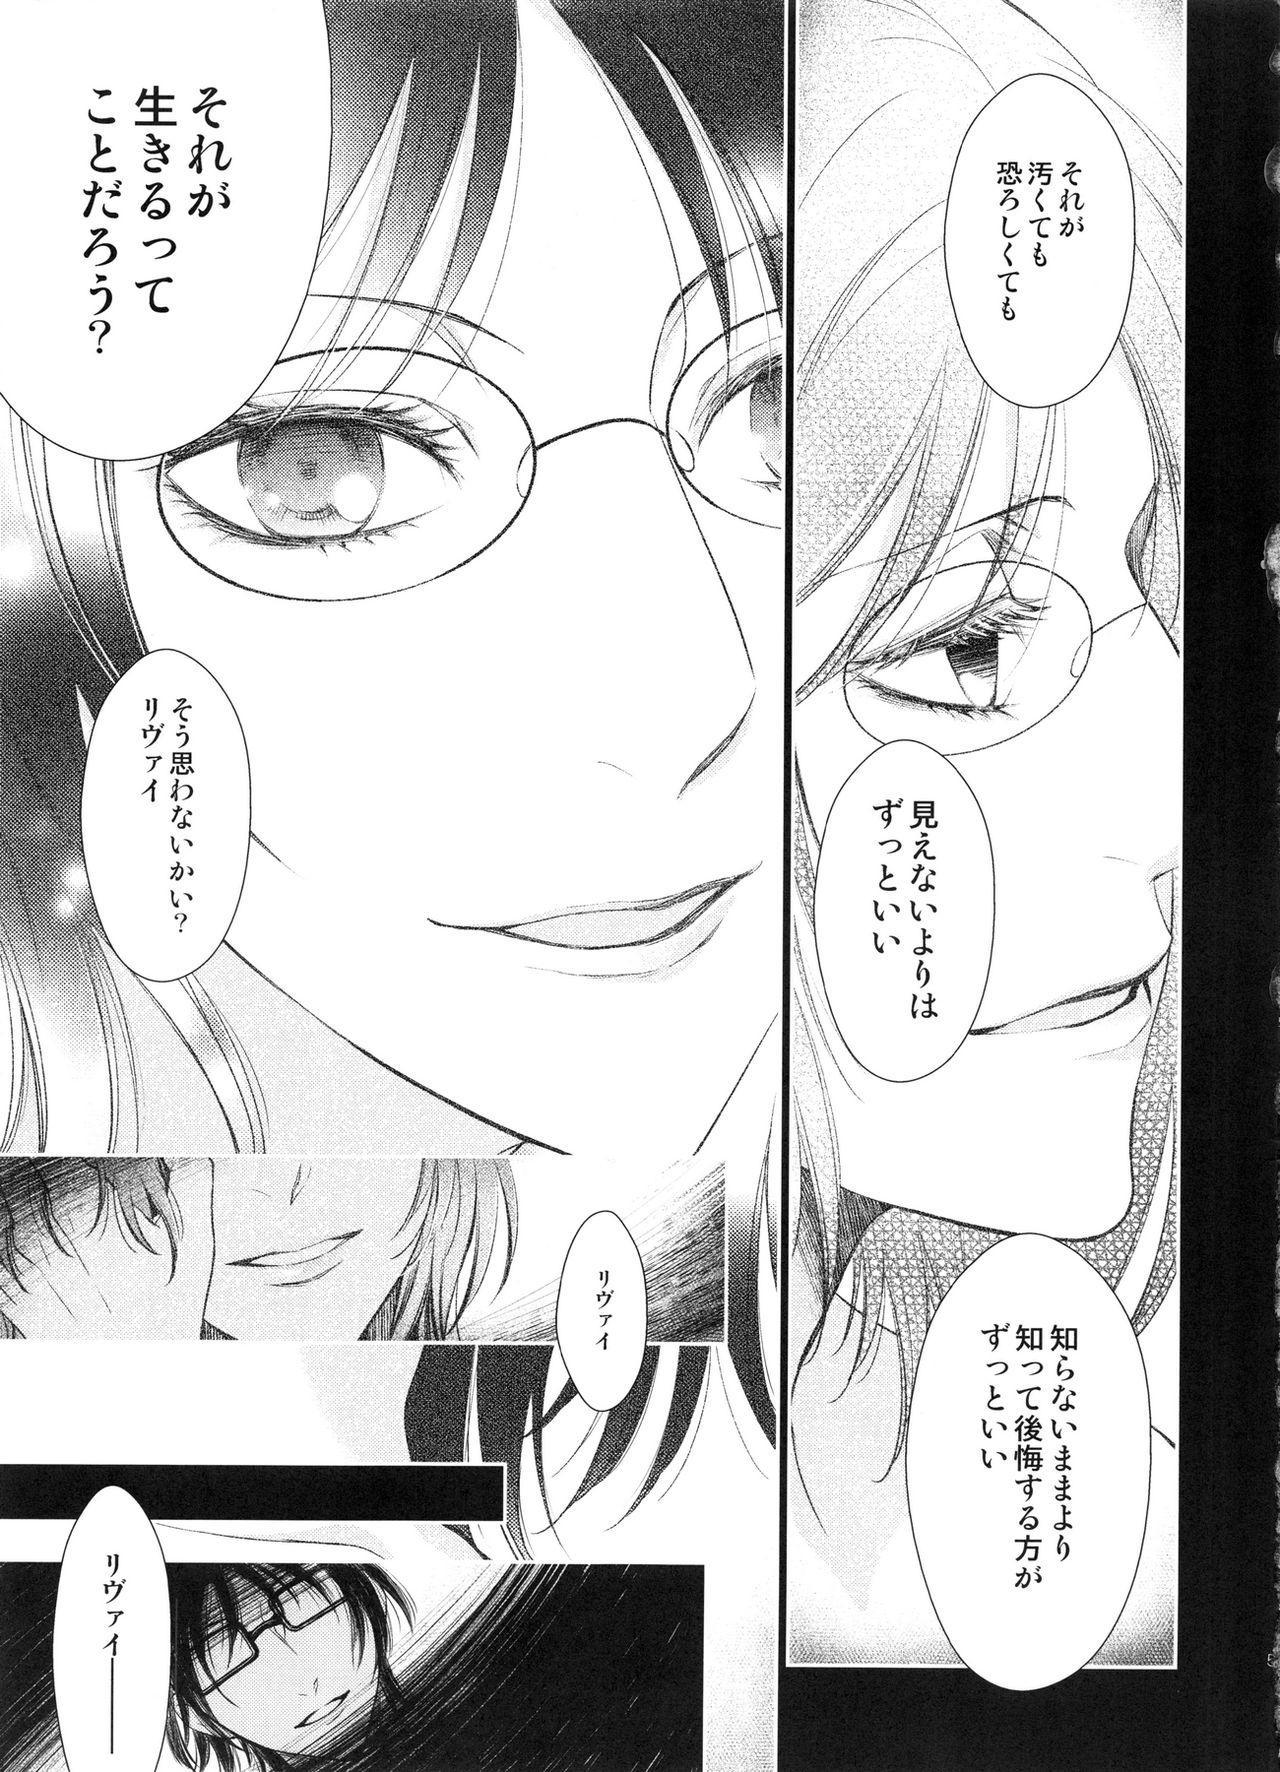 Meguri Meguri Soshite Mata Hana wa Saku 52